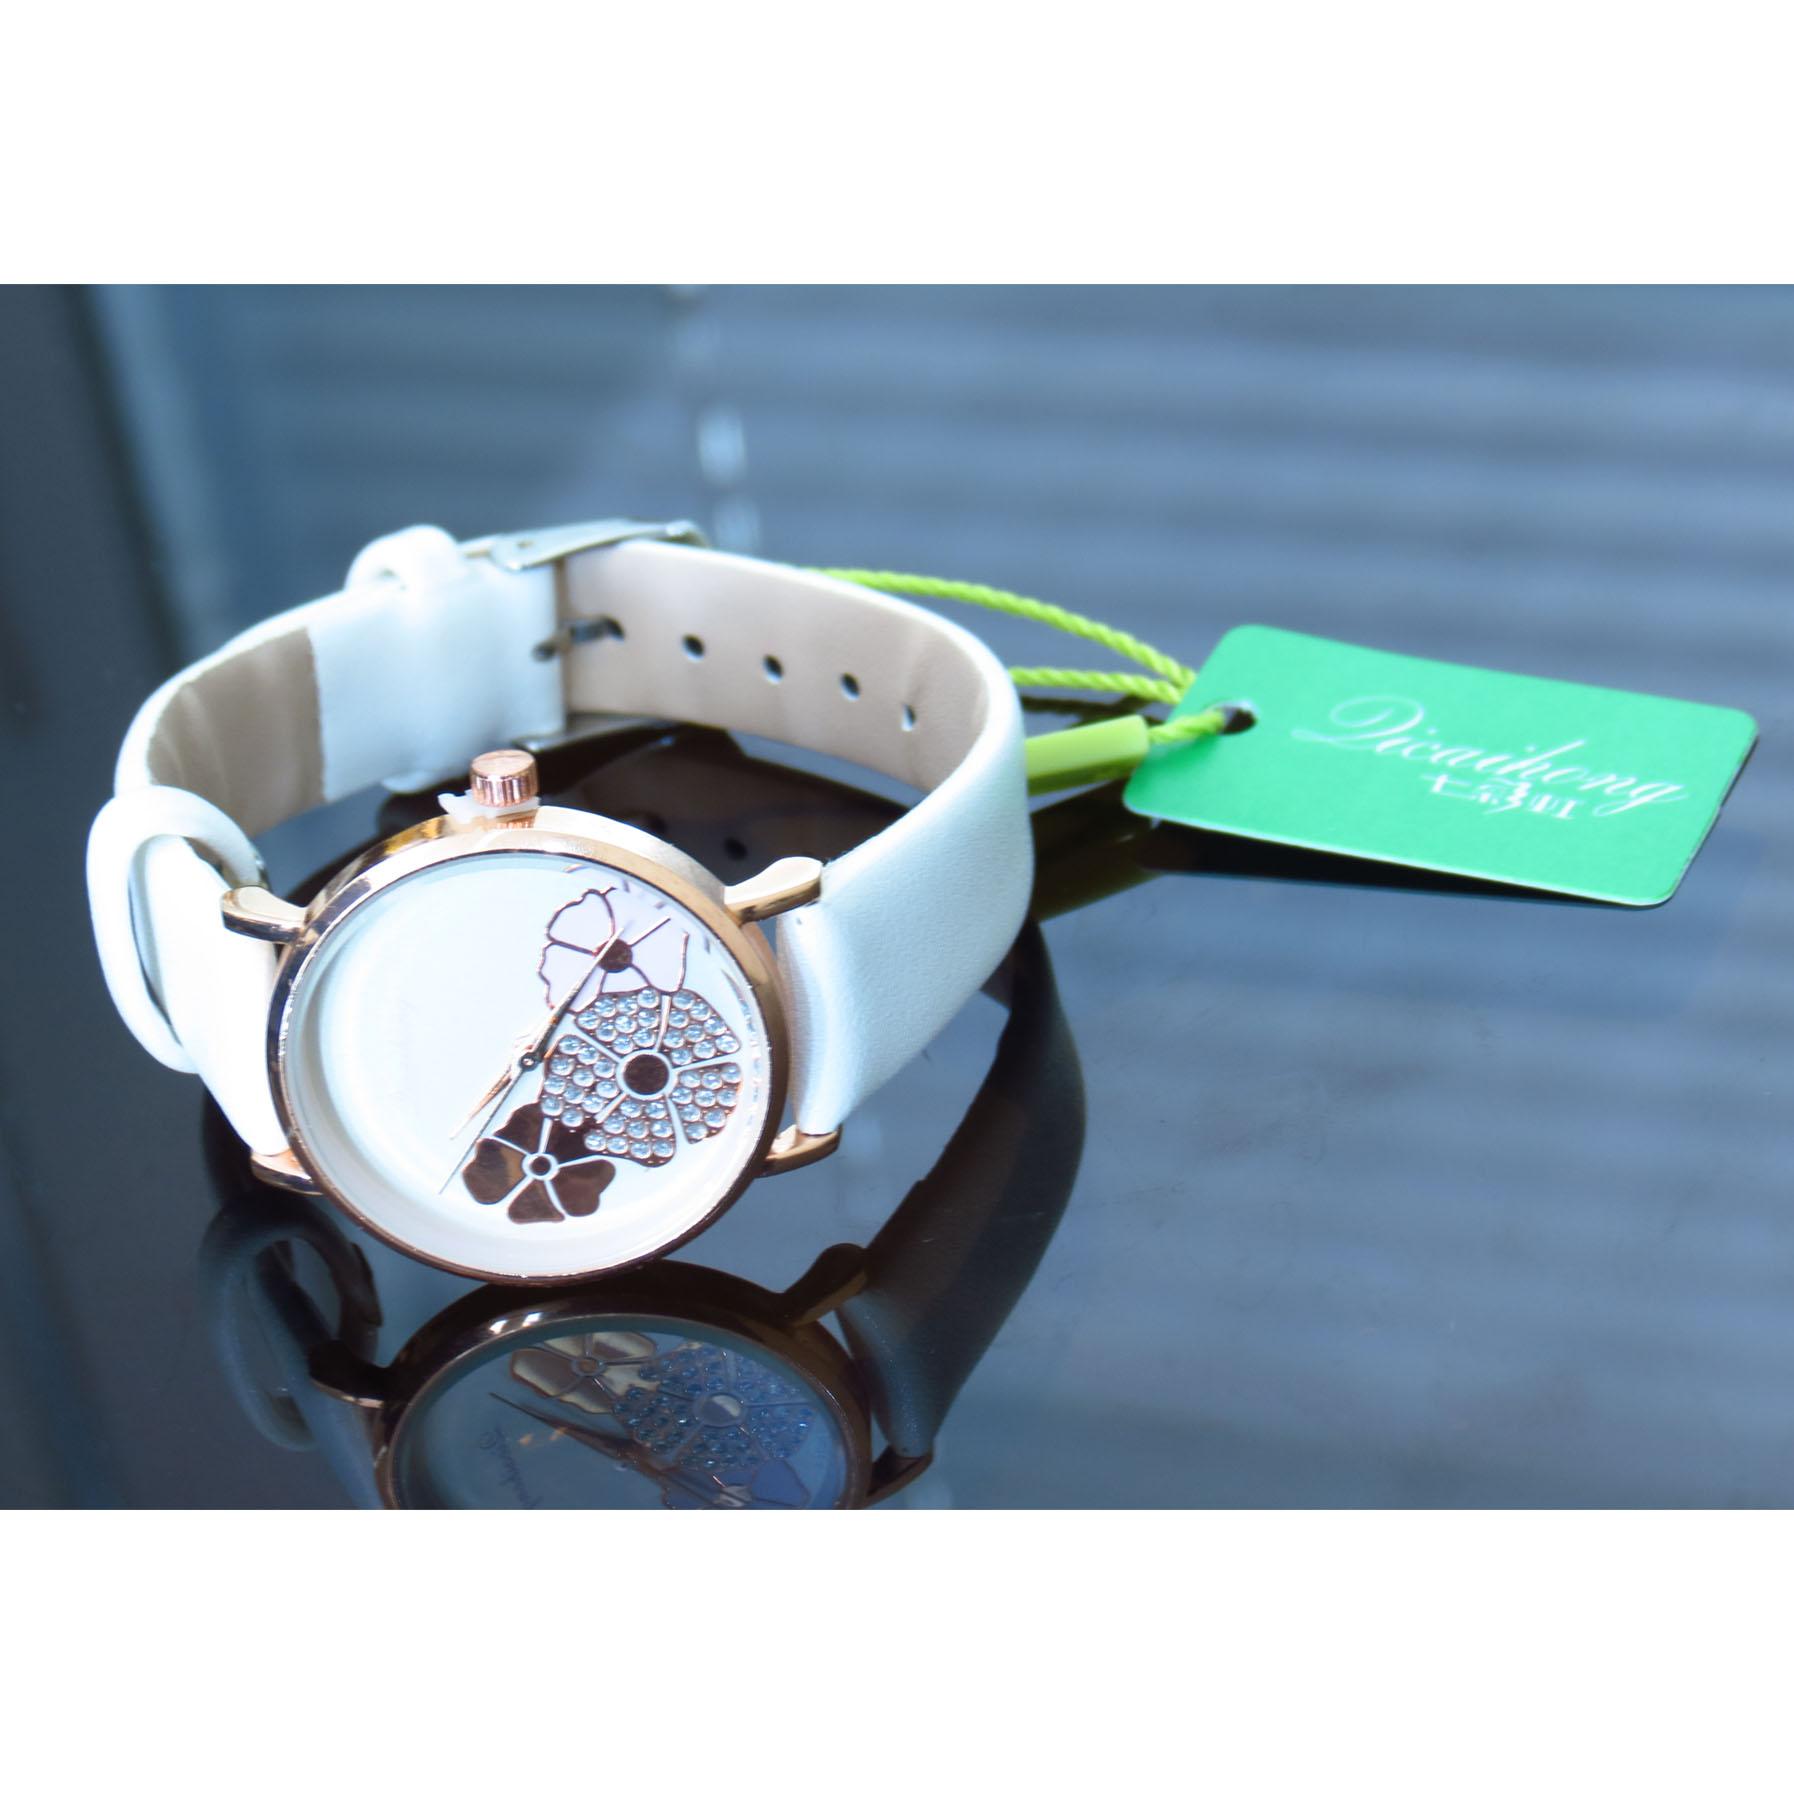 خرید و قیمت                      ساعت مچی  زنانه  کد 1-5031